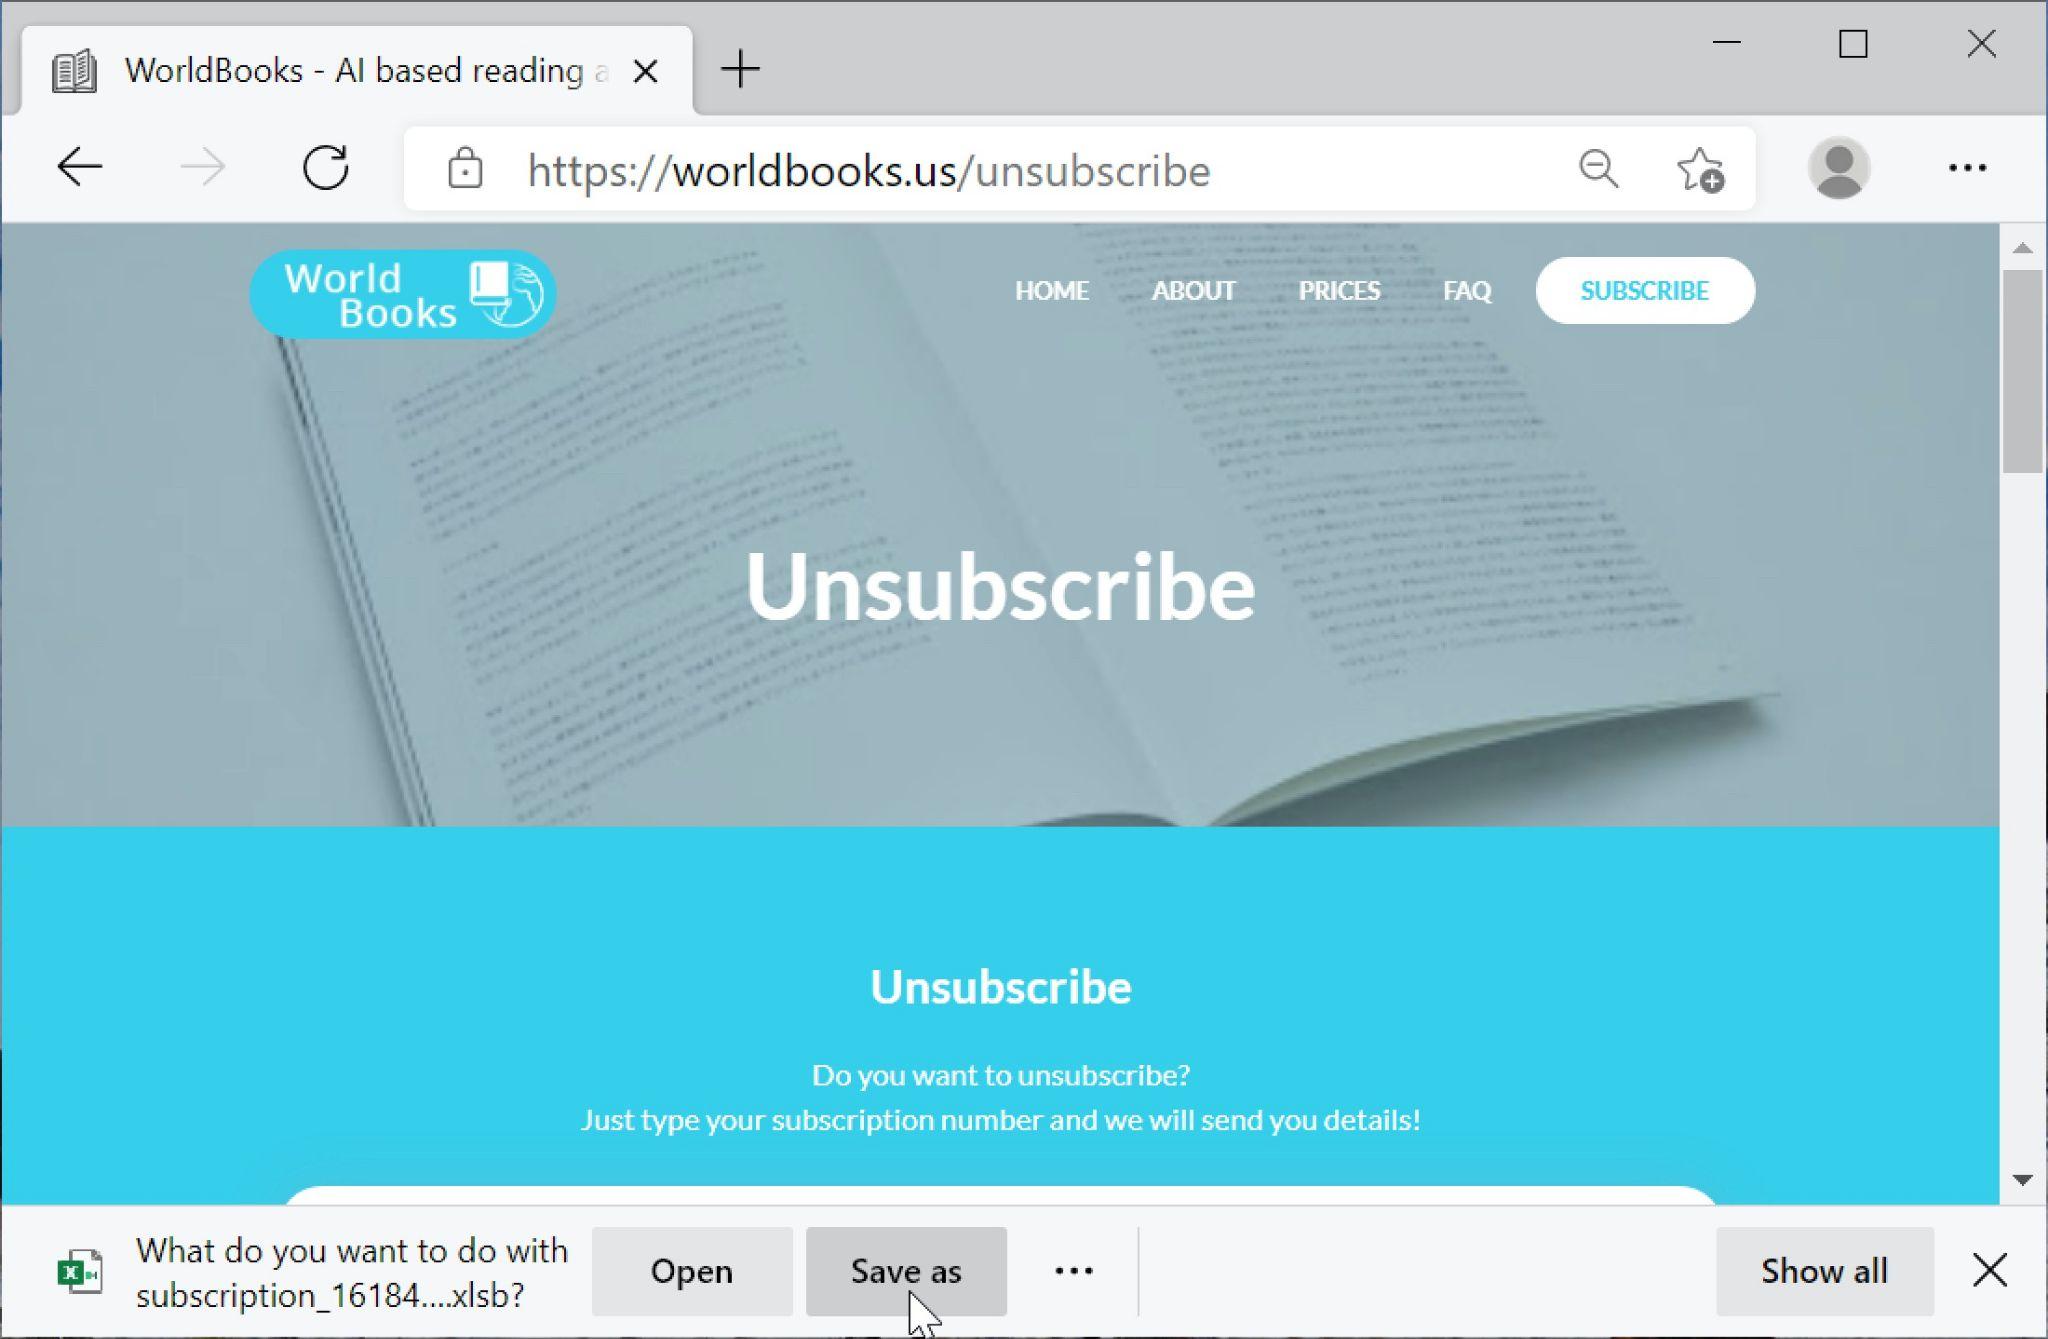 偽のWorld Books WebサイトはExcelファイルをダウンロードできるようになっています。